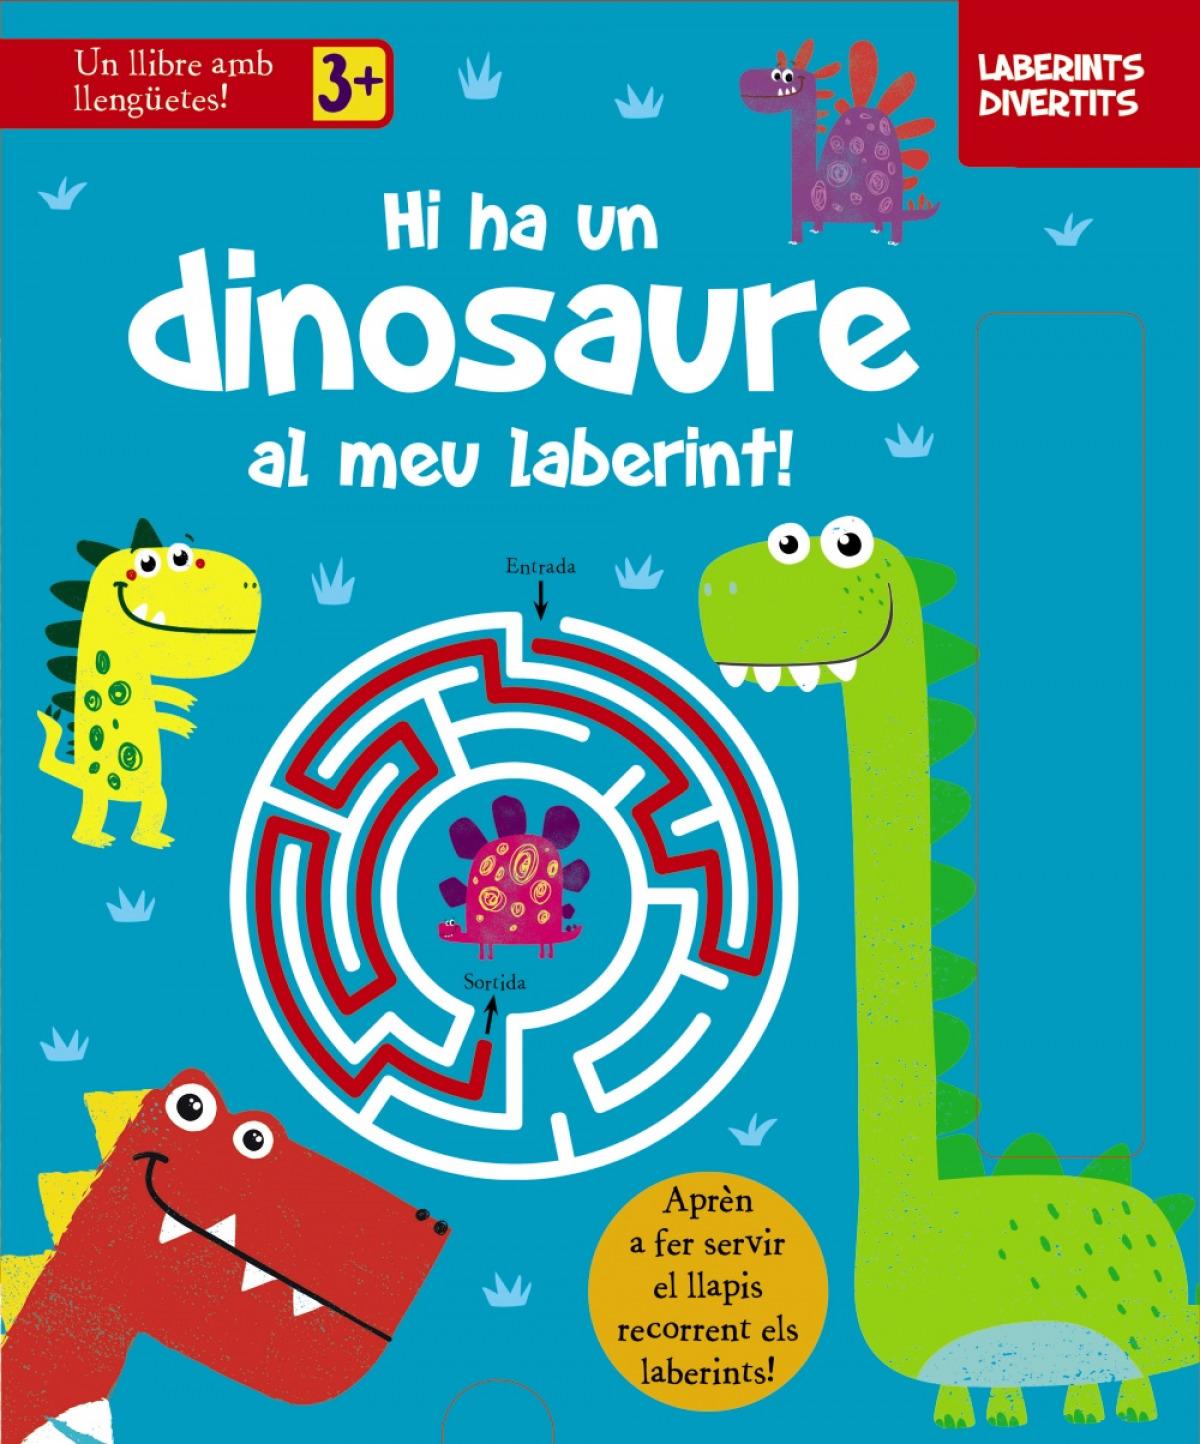 Laberints divertits. Hi ha un dinosaure al meu laberint!